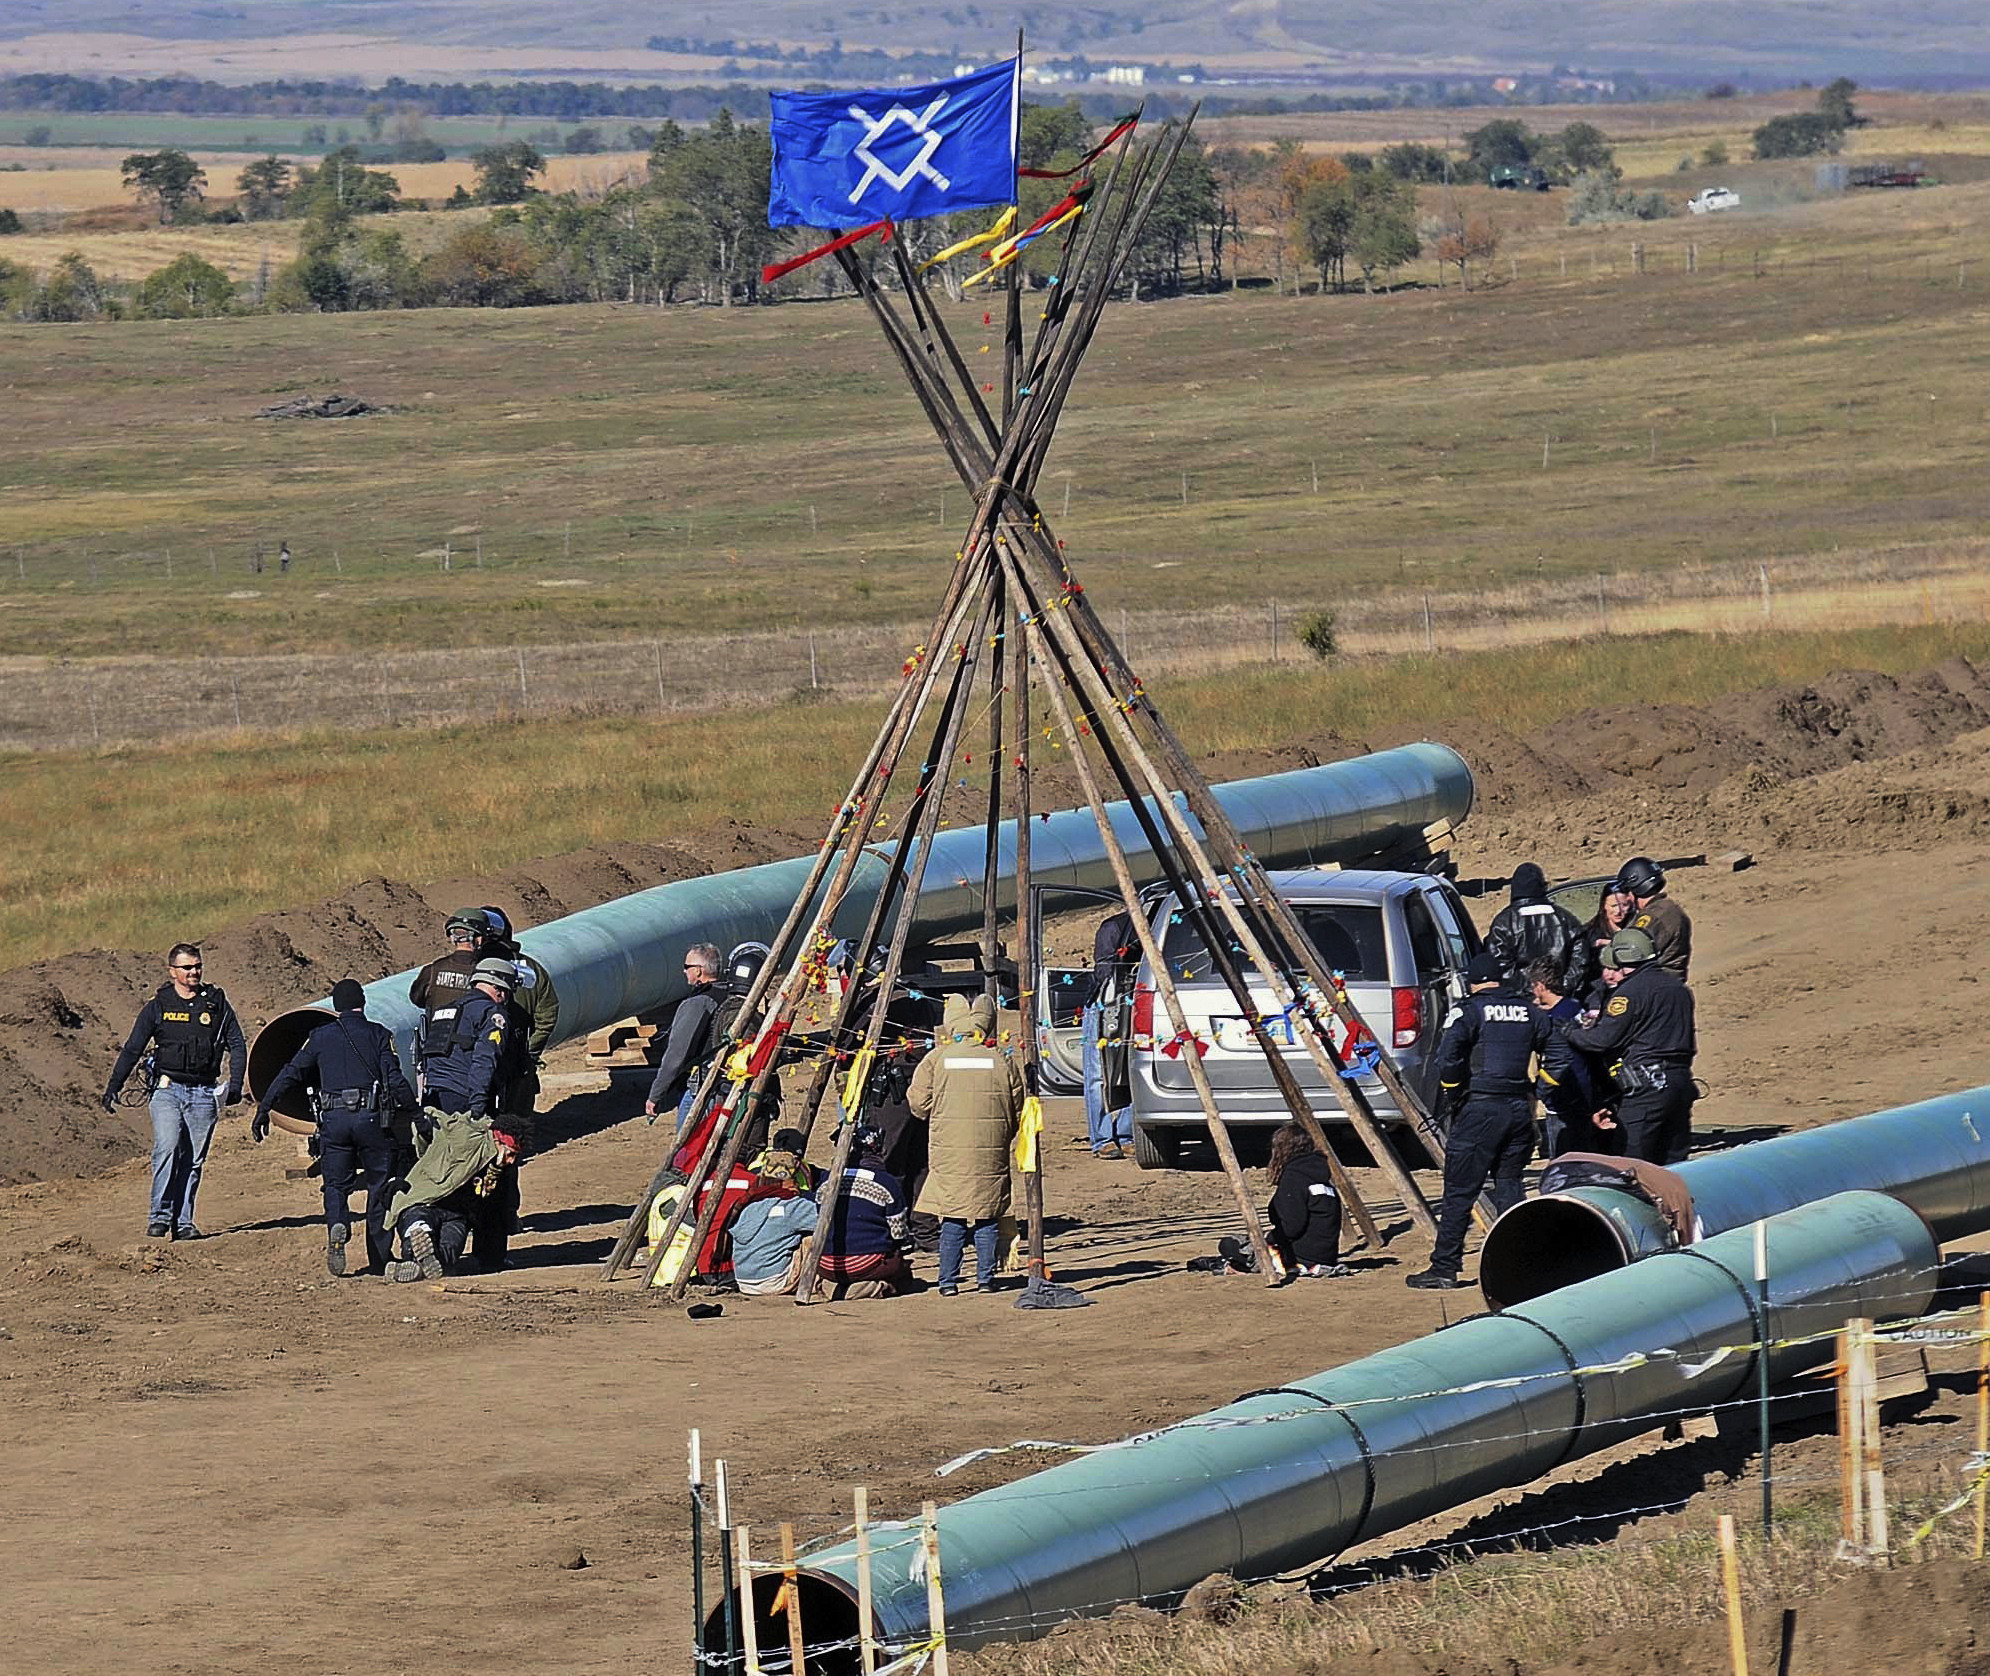 Reanudarán trabajo en oleoducto de EEUU a pesar de protestas - Hoy ...